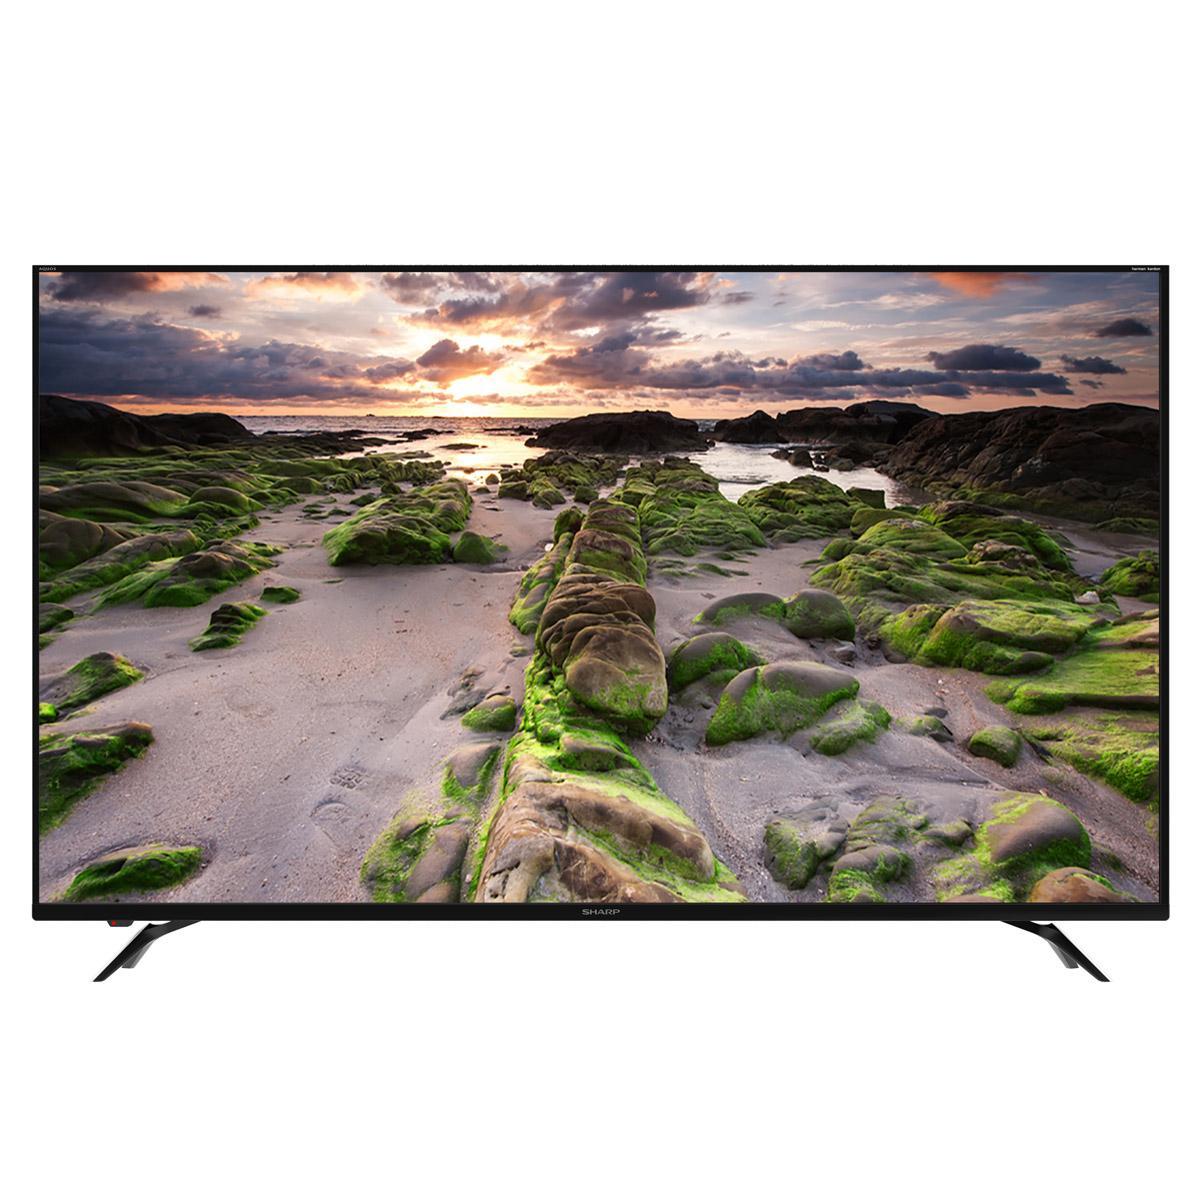 """TV 60"""" Sharp LC-60UI9362E - LED, 4K UHD, HDR 10, Smart TV, Son Harman Kardon"""